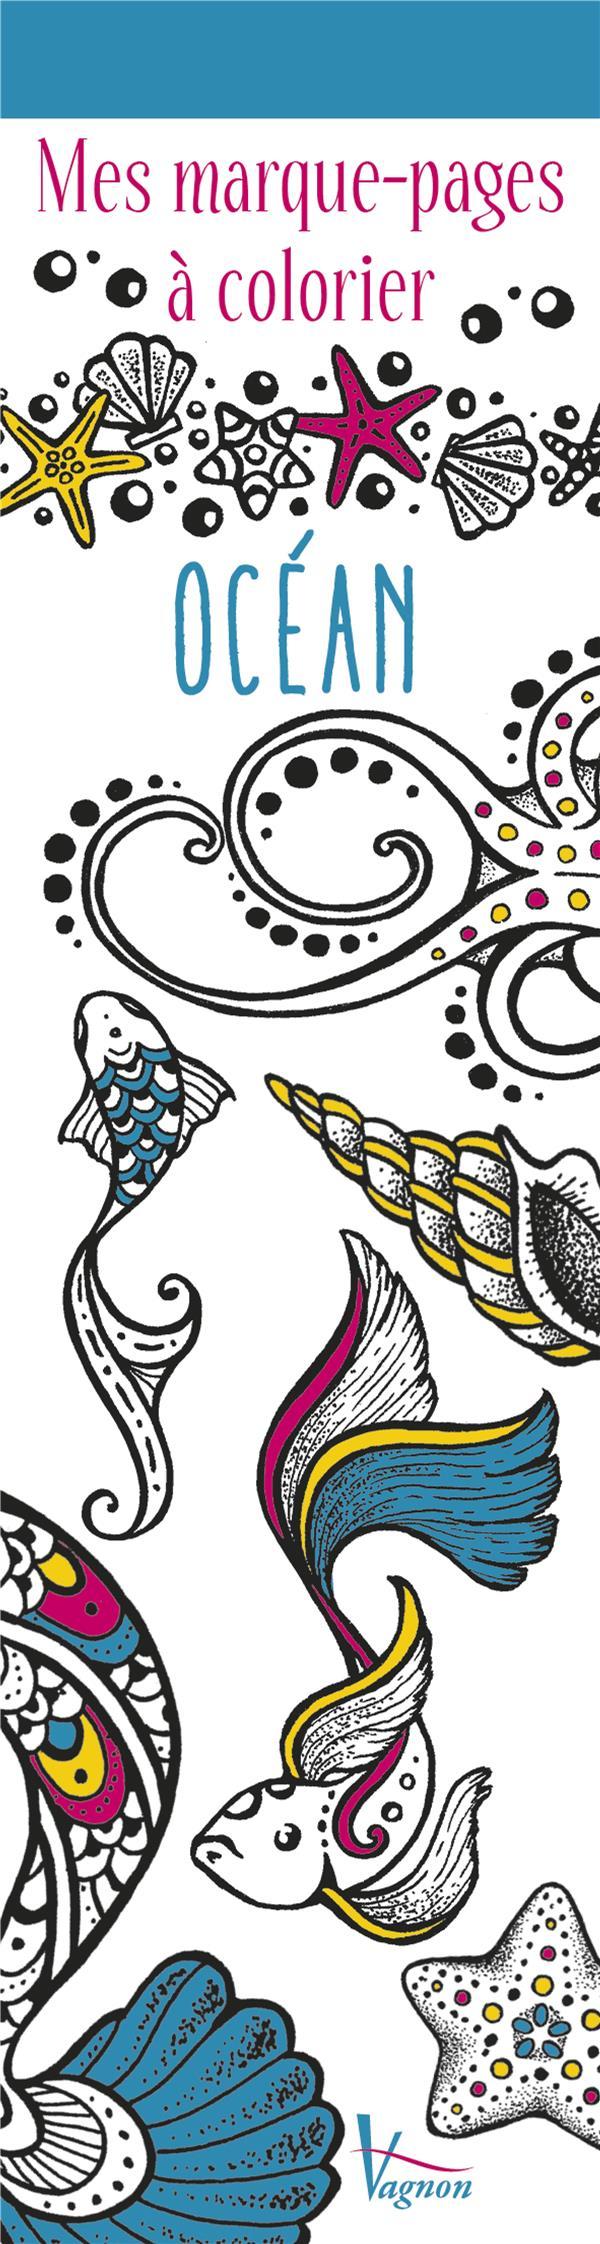 MES MARQUE-PAGES A COLORIER : OCEAN